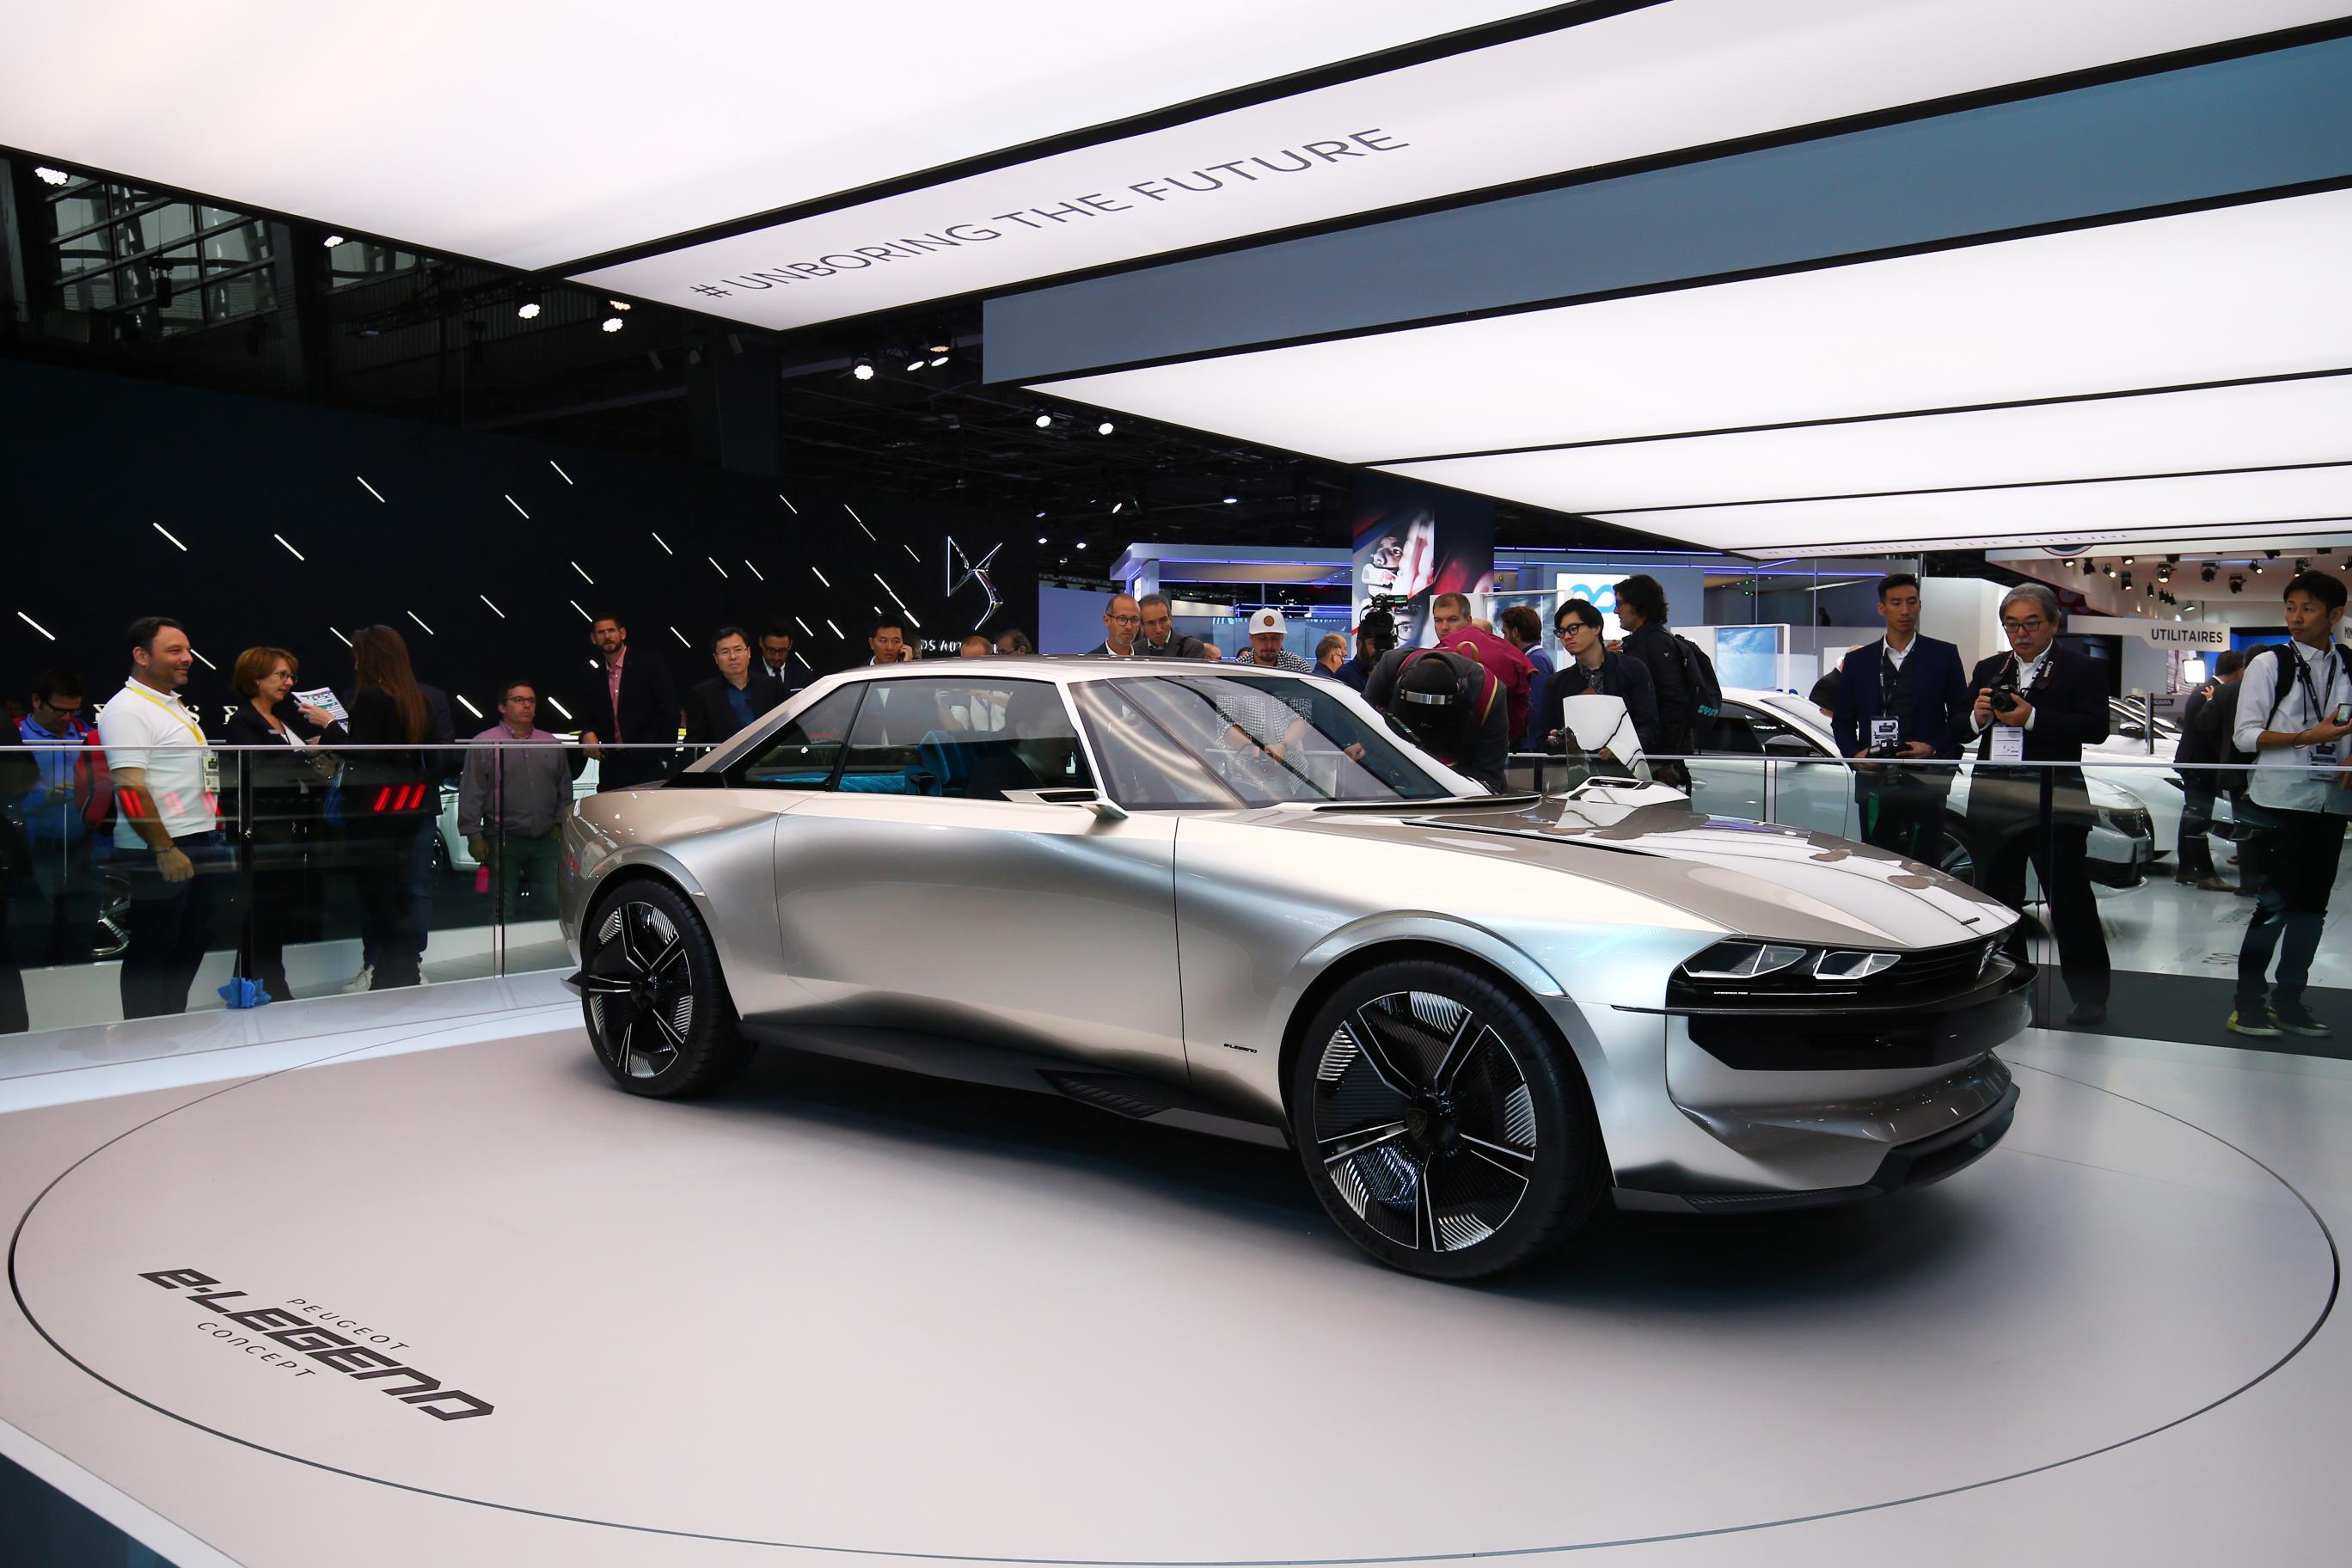 در نمایشگاه خودروی پاریس 2018 چه گذشت